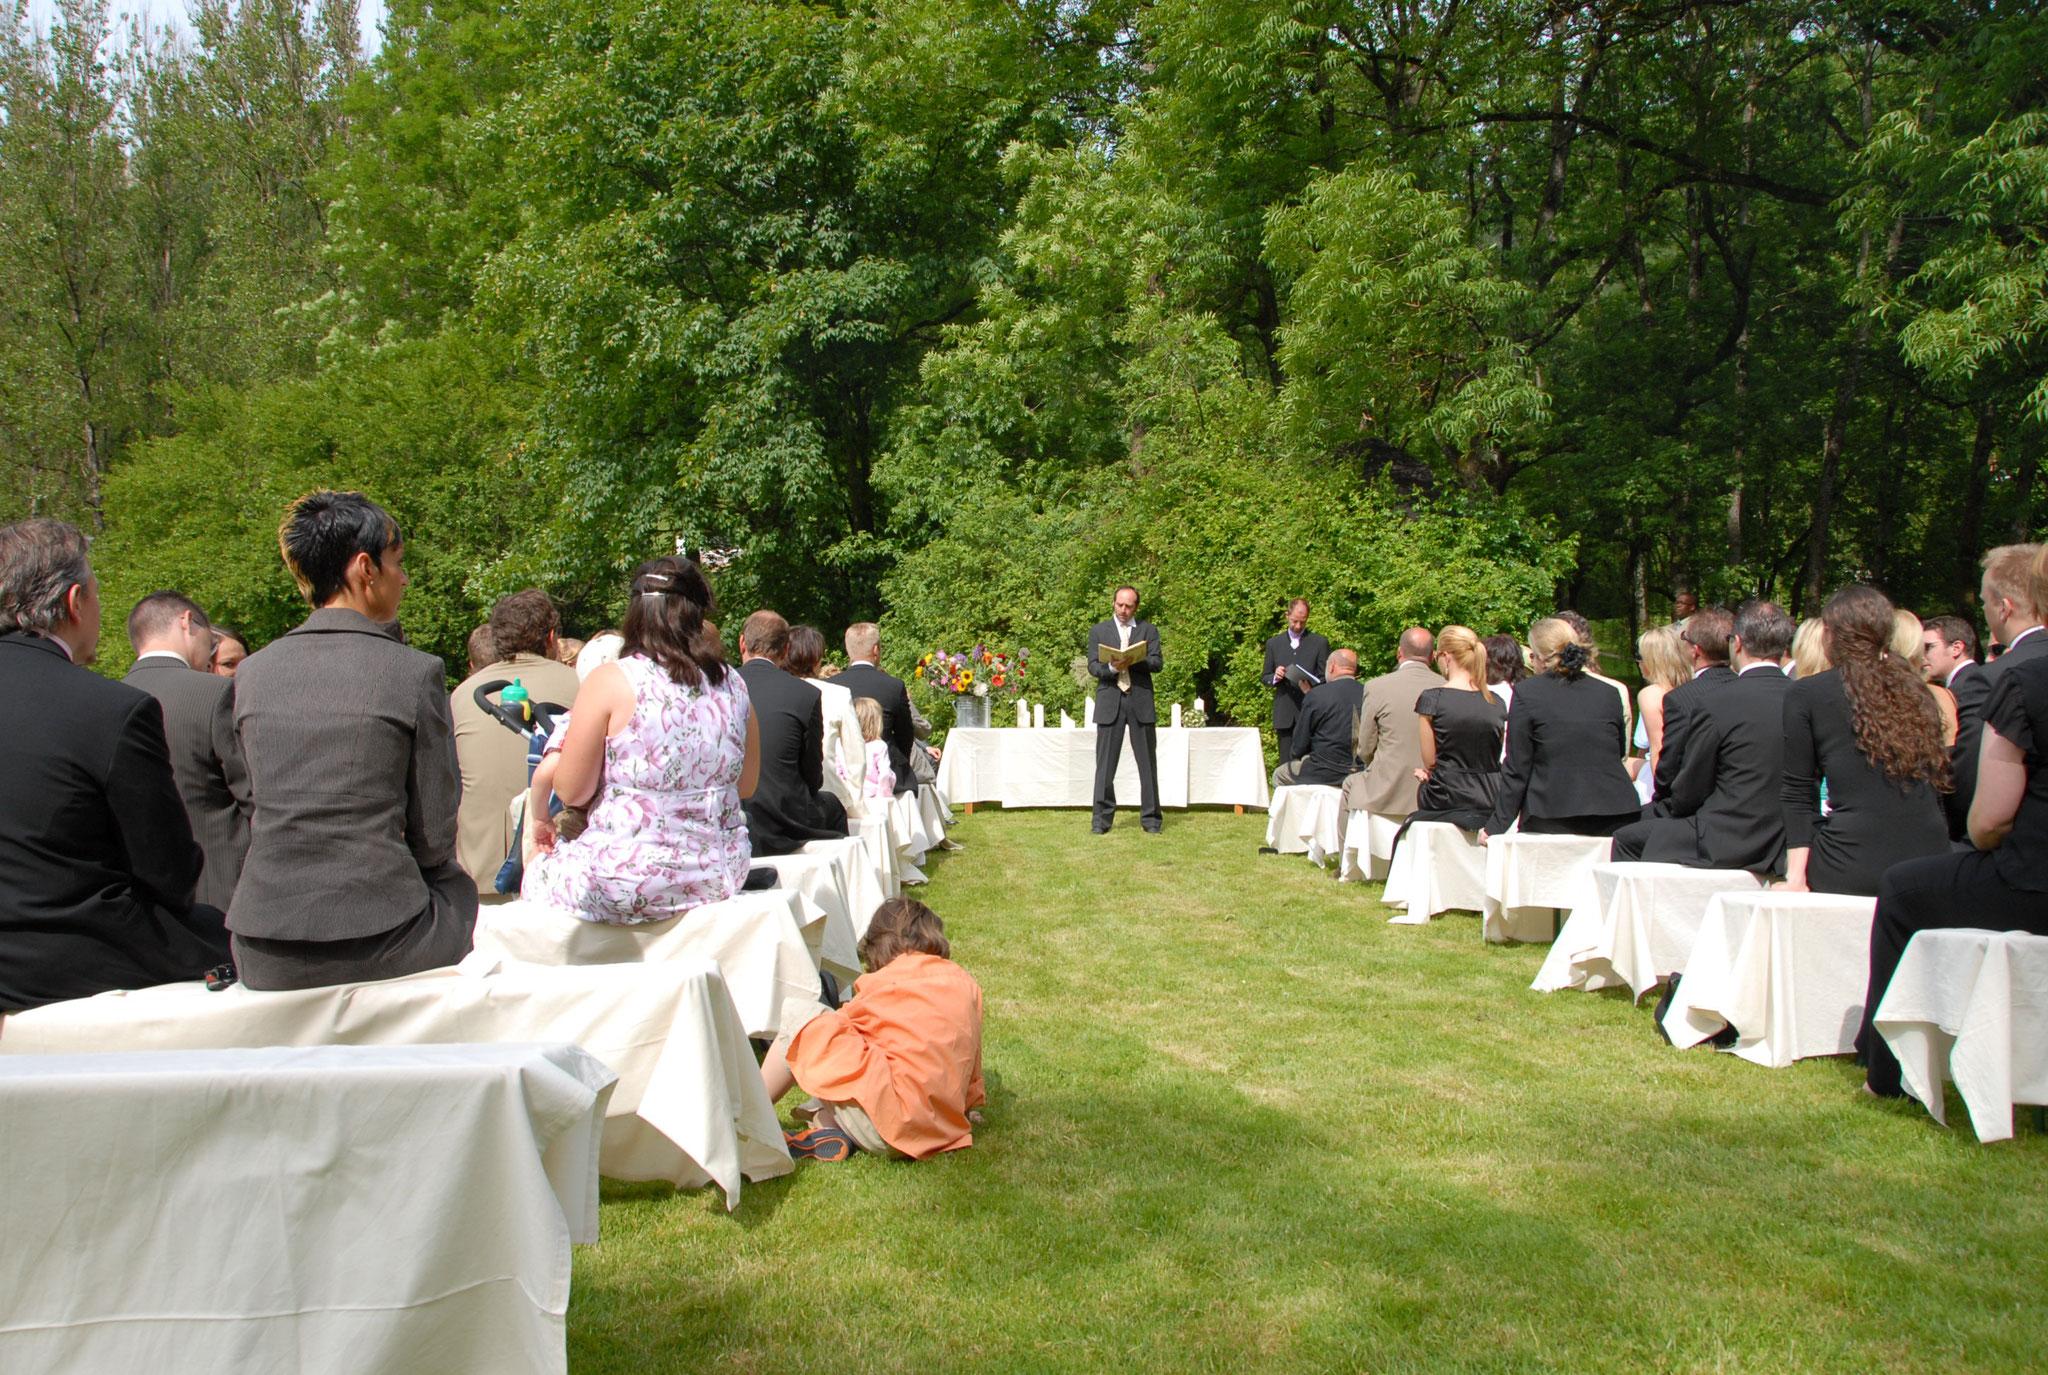 Heiraten unter freiem Himmel | Freie Trauung | Freie Traurednerin | Melanie-Christine Kuhles | Trau dich mit Emma